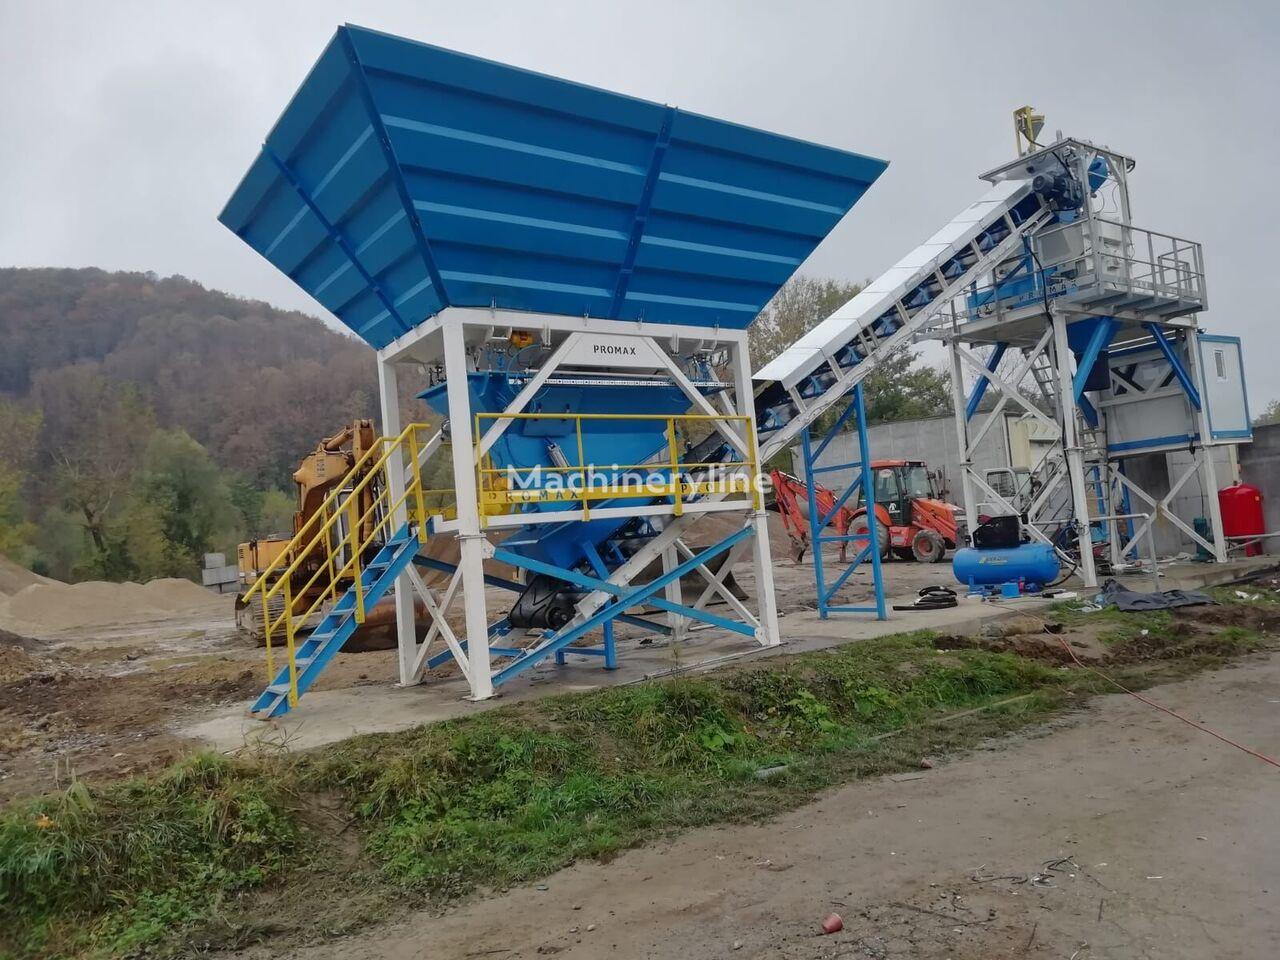 new PROMAX Compact Concrete Batching Plant PROMAX C60-SNG PLUS (60m³/h) concrete plant